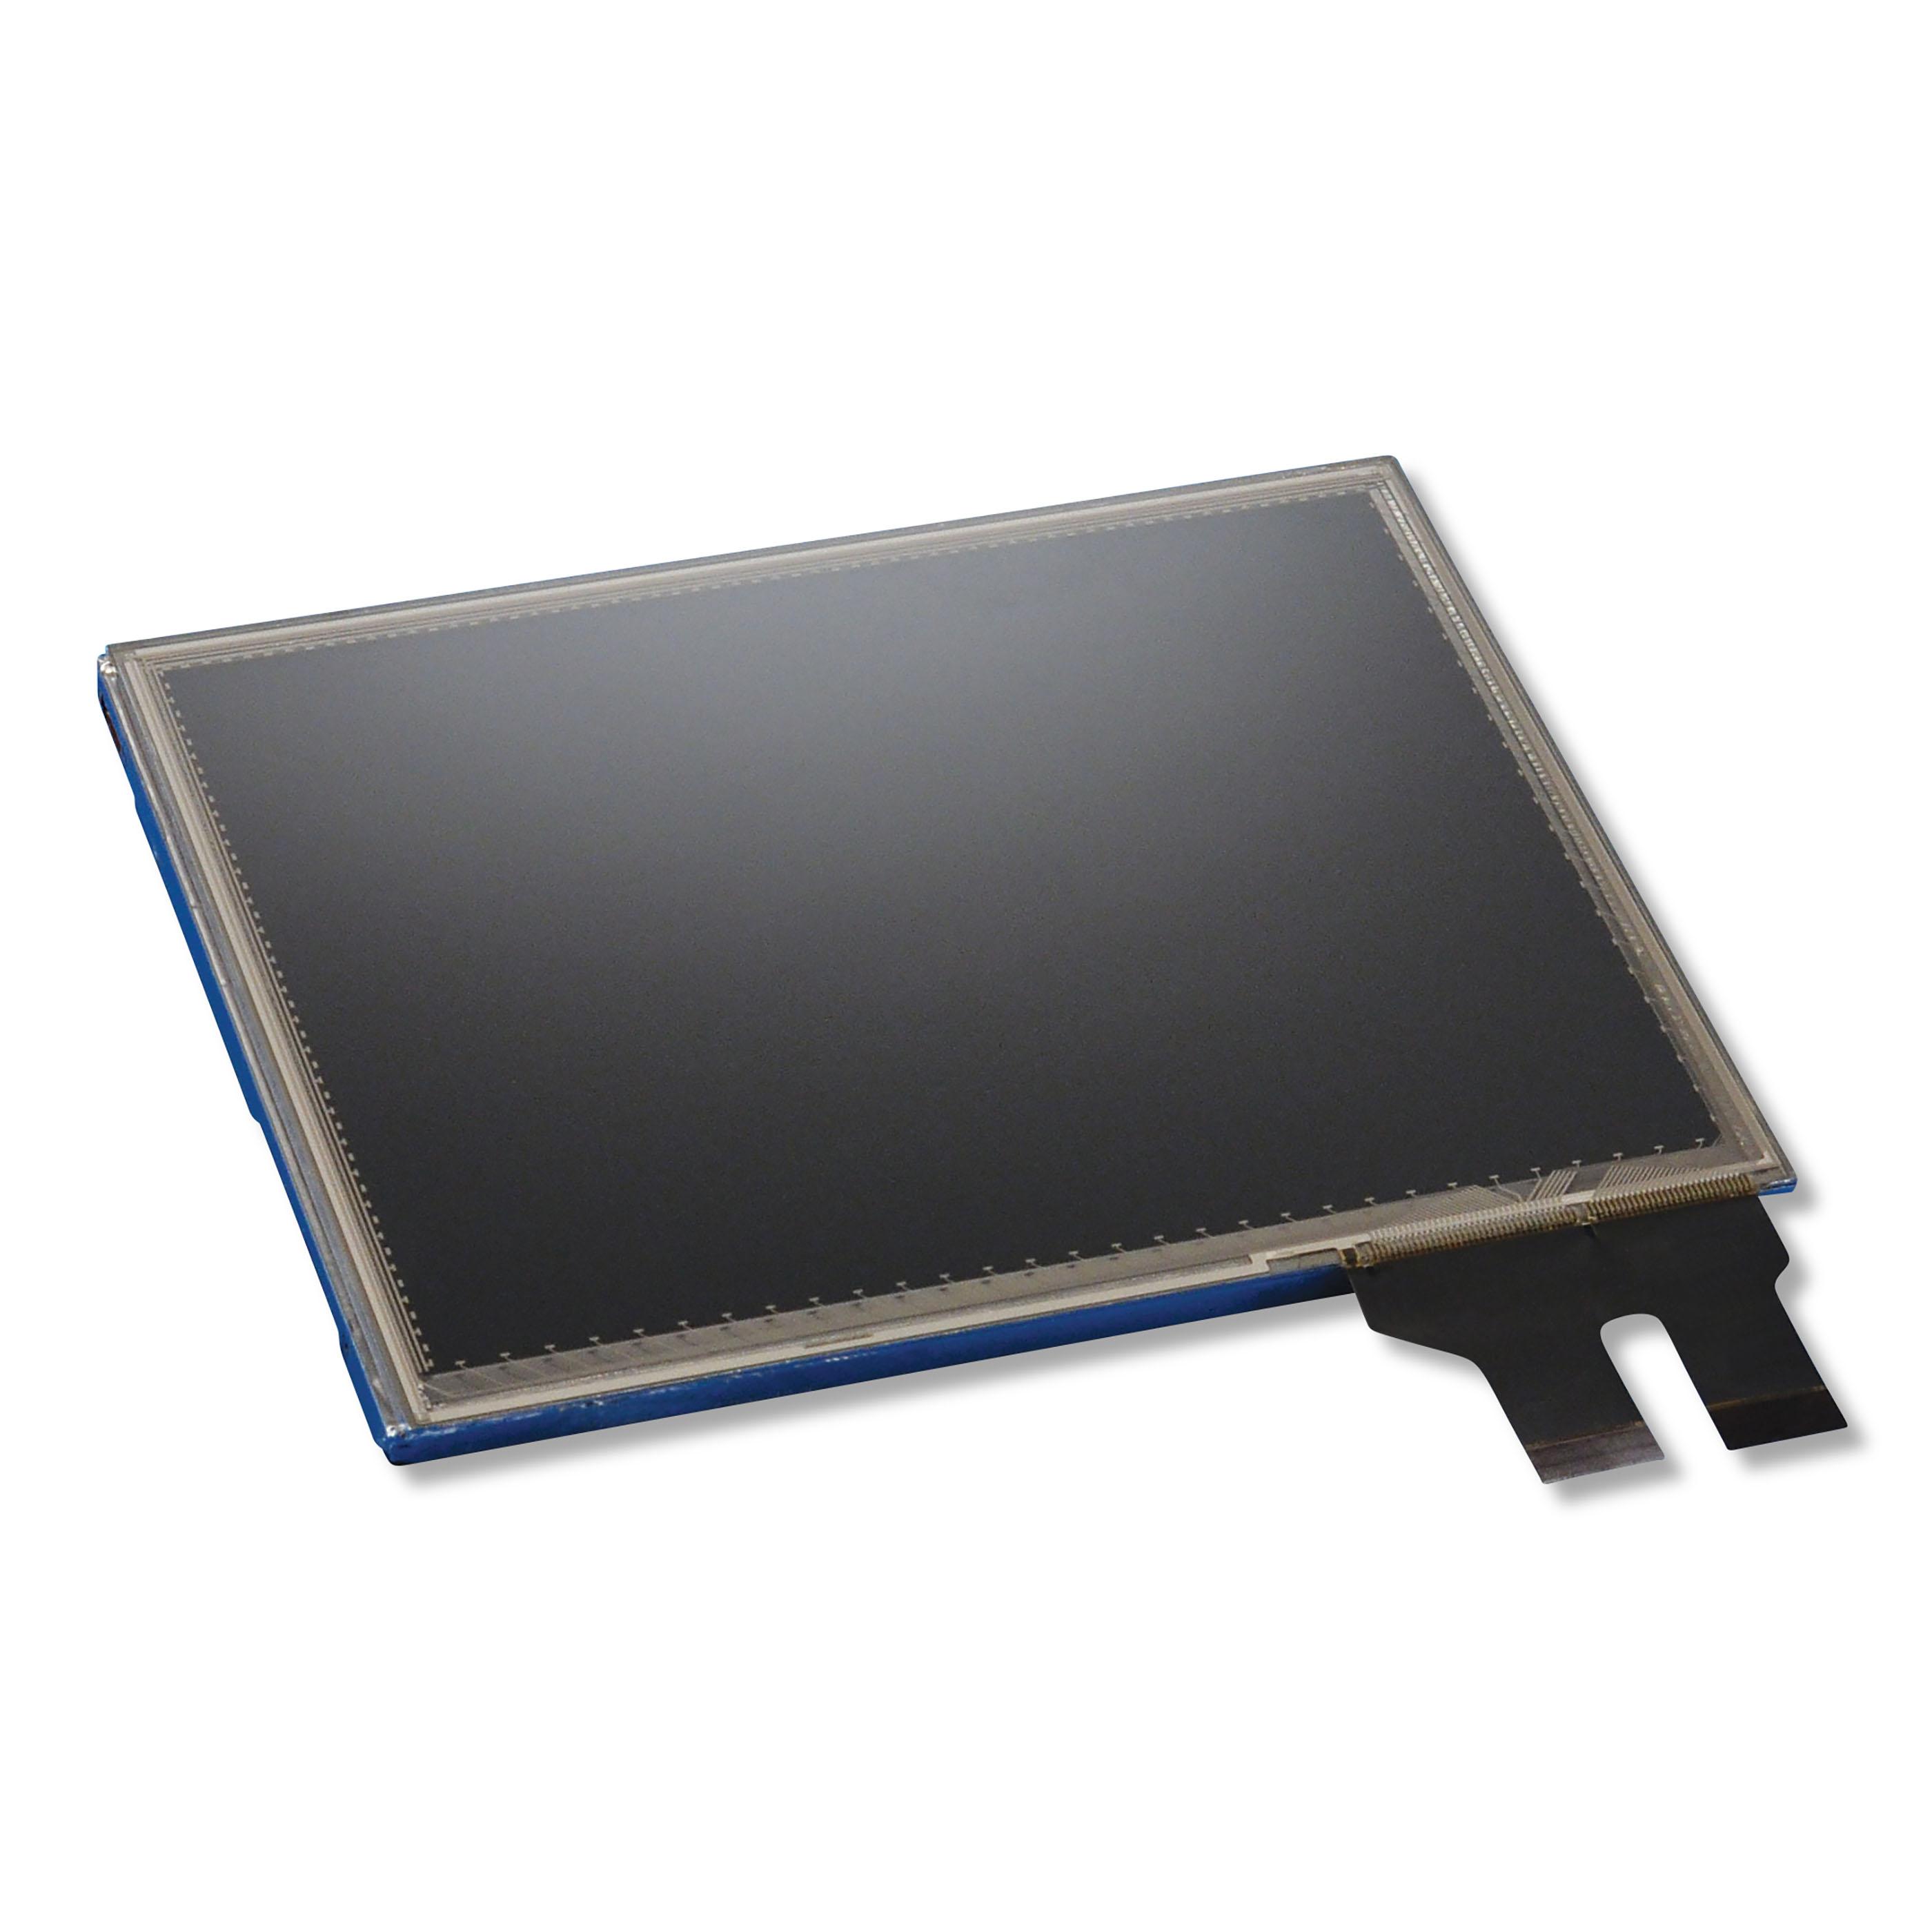 parker-chomerics-integrated-display-solutions-PAR_2845_V1_FULL